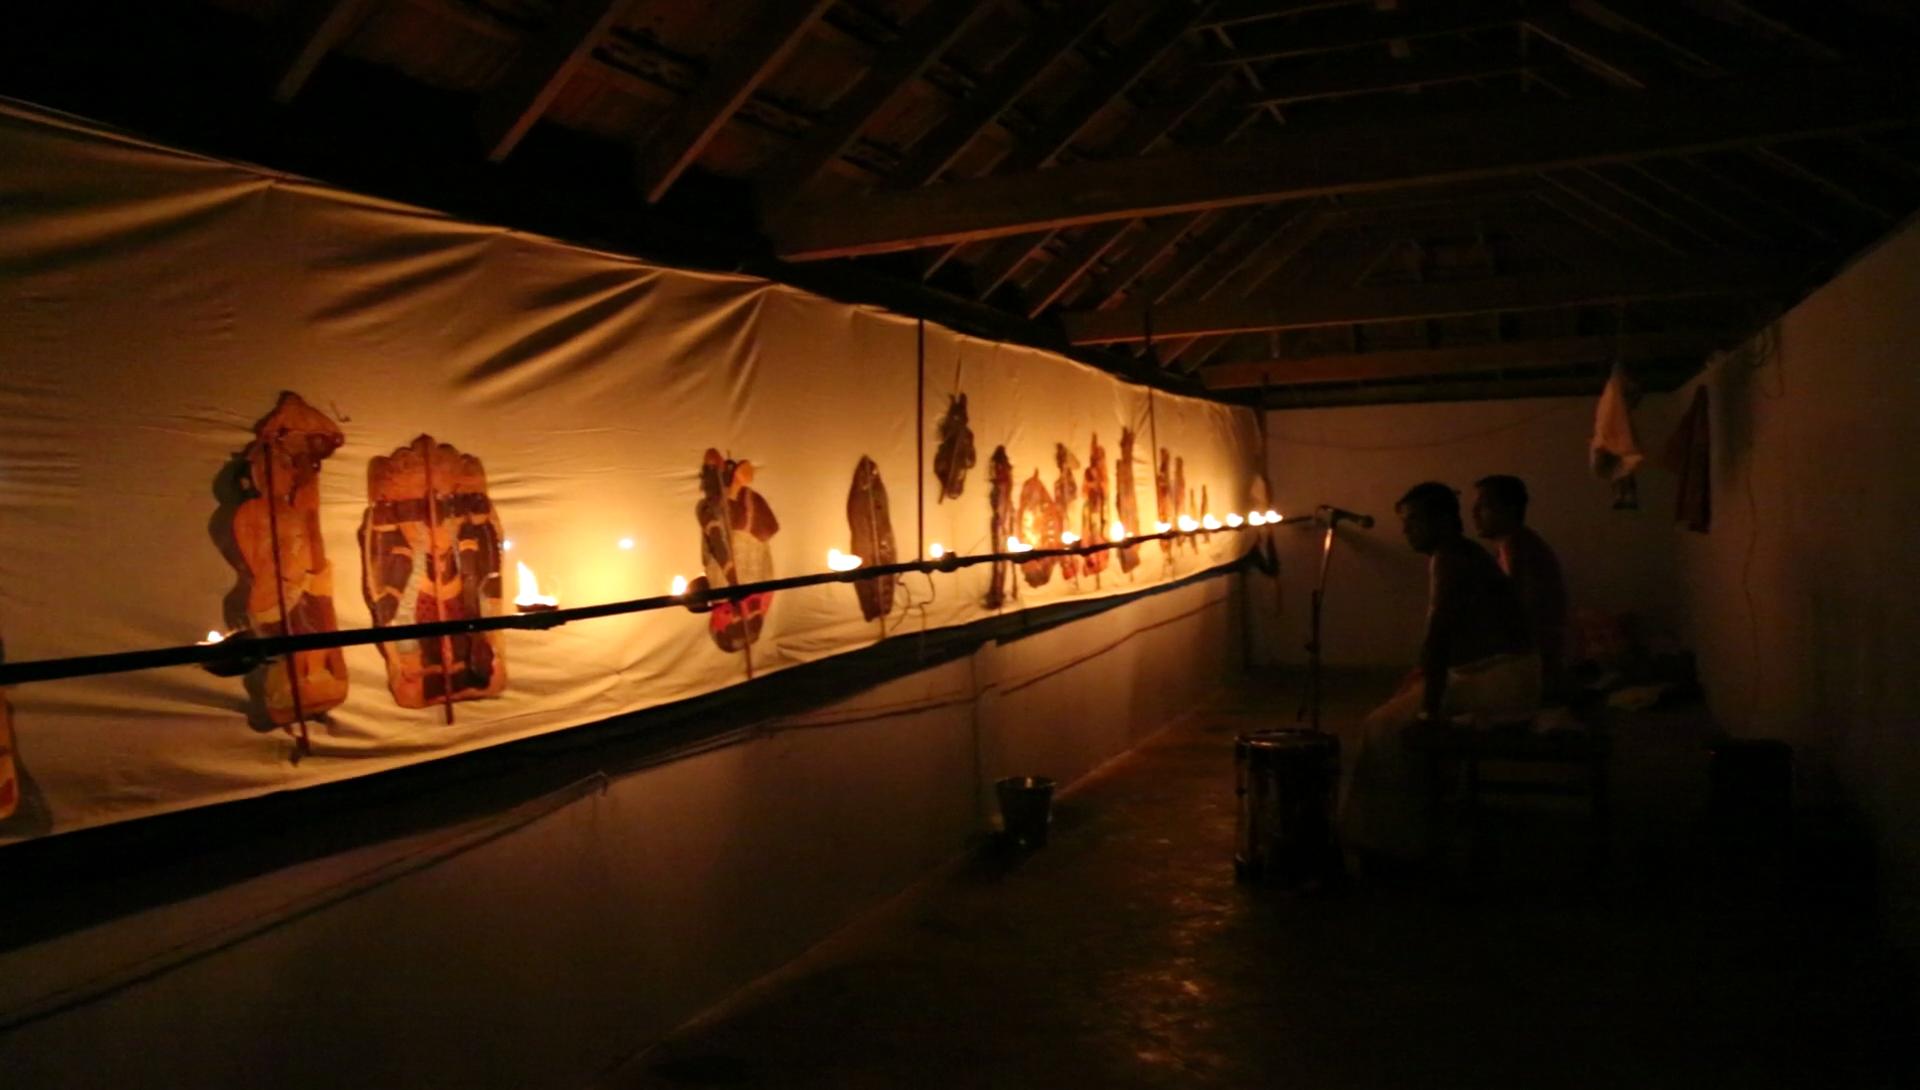 Derrière l'écran, les marionnettistes de <em>tolpava koothu</em> réalisent une scène du Râmâyana, mise en scène : Ramachandra Pulavar (Kerala, Inde)